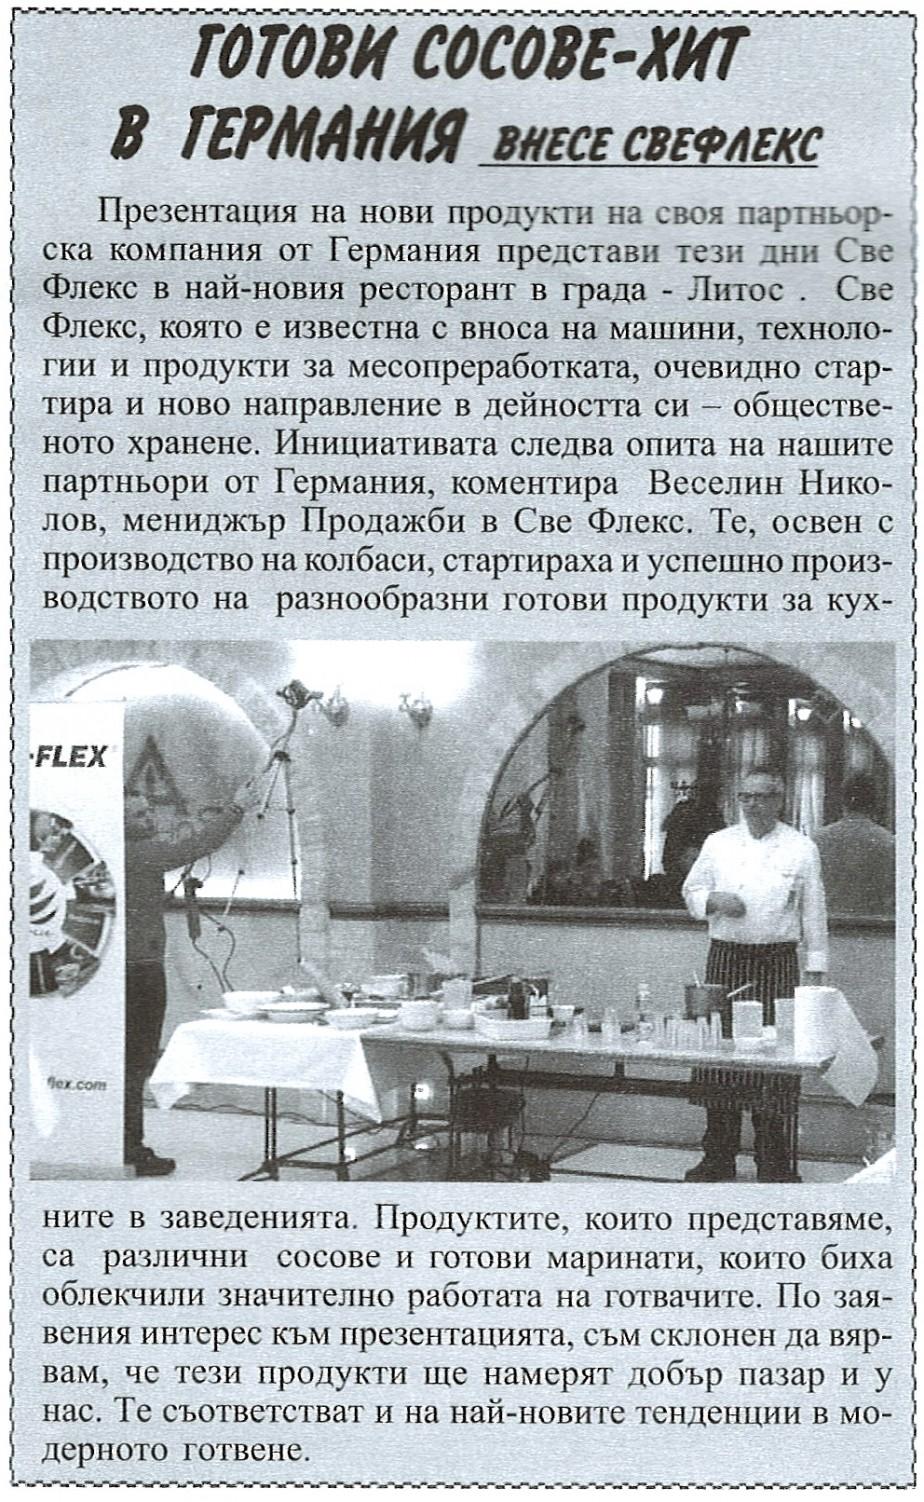 Gotovi sosove ot SWE-FLEX v restorant Lithos (vestnik Nabludatel, broi 6-2016)